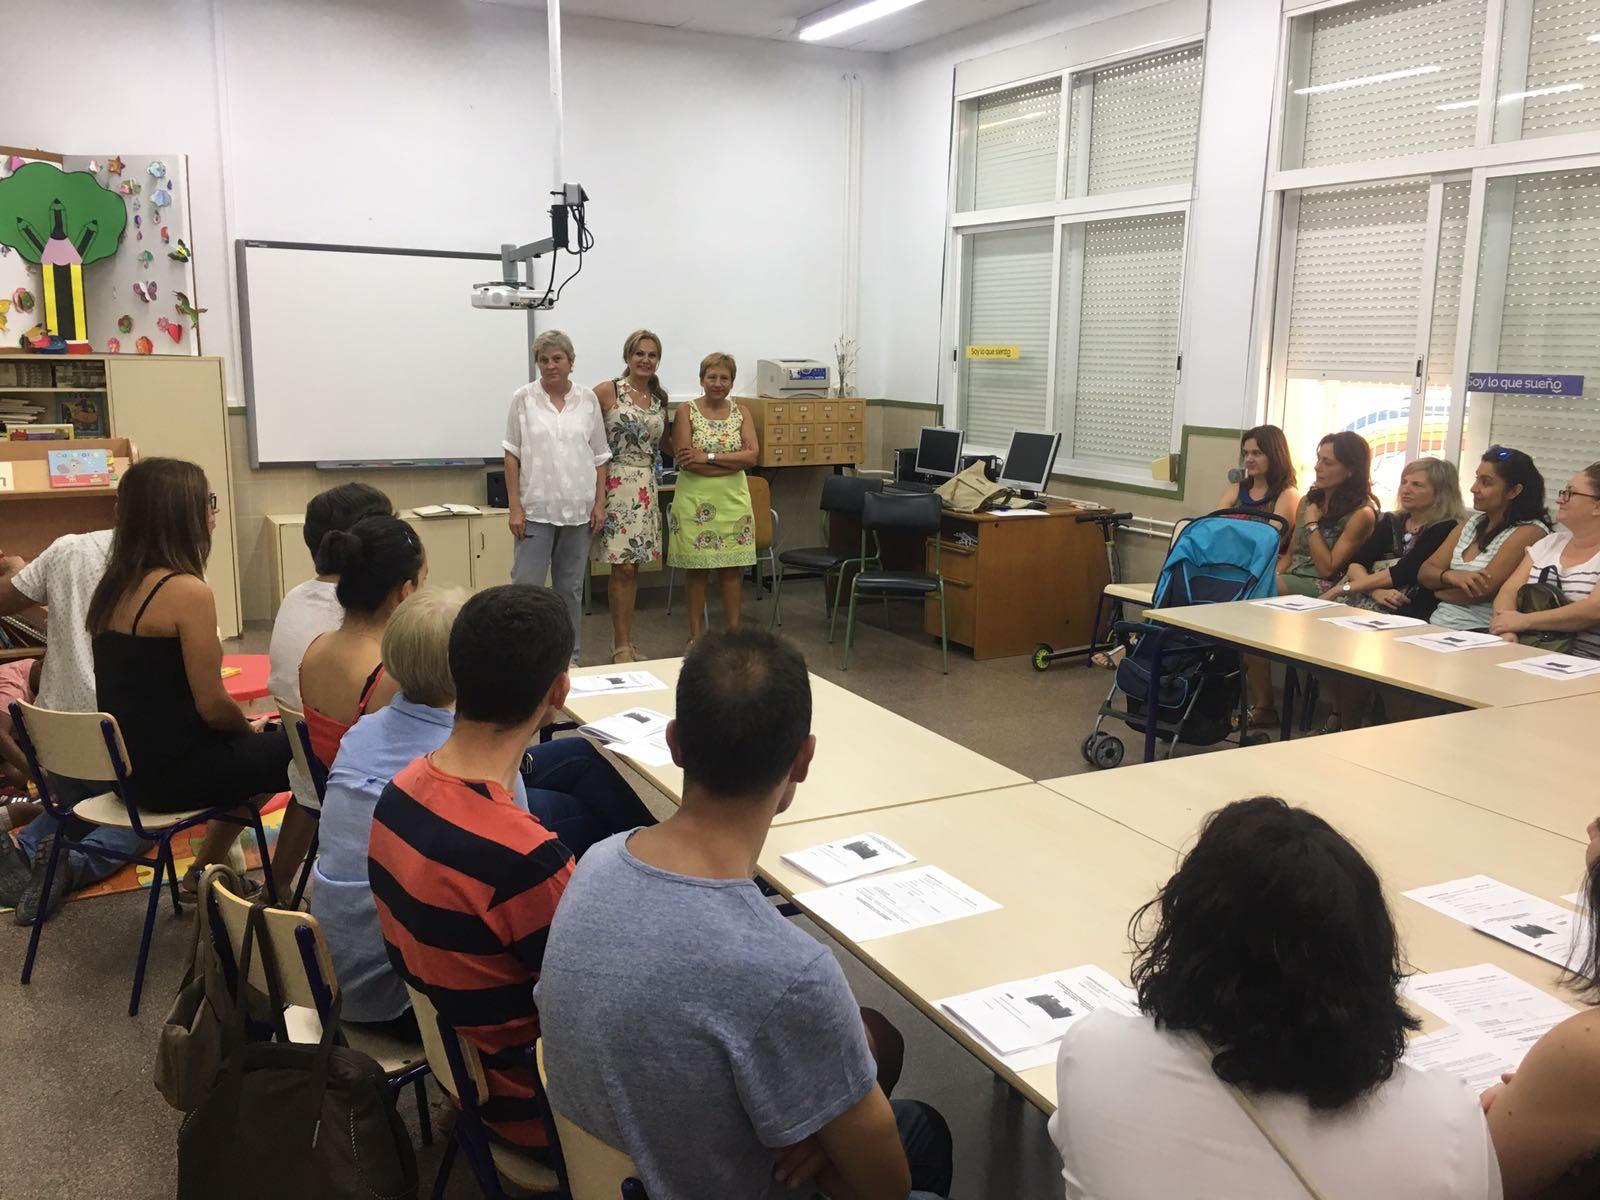 La concejala de Educación, Mª Ángeles Llorente, junto a la directora del centro, se reunió con las familias antes del inicio del curso escolar.